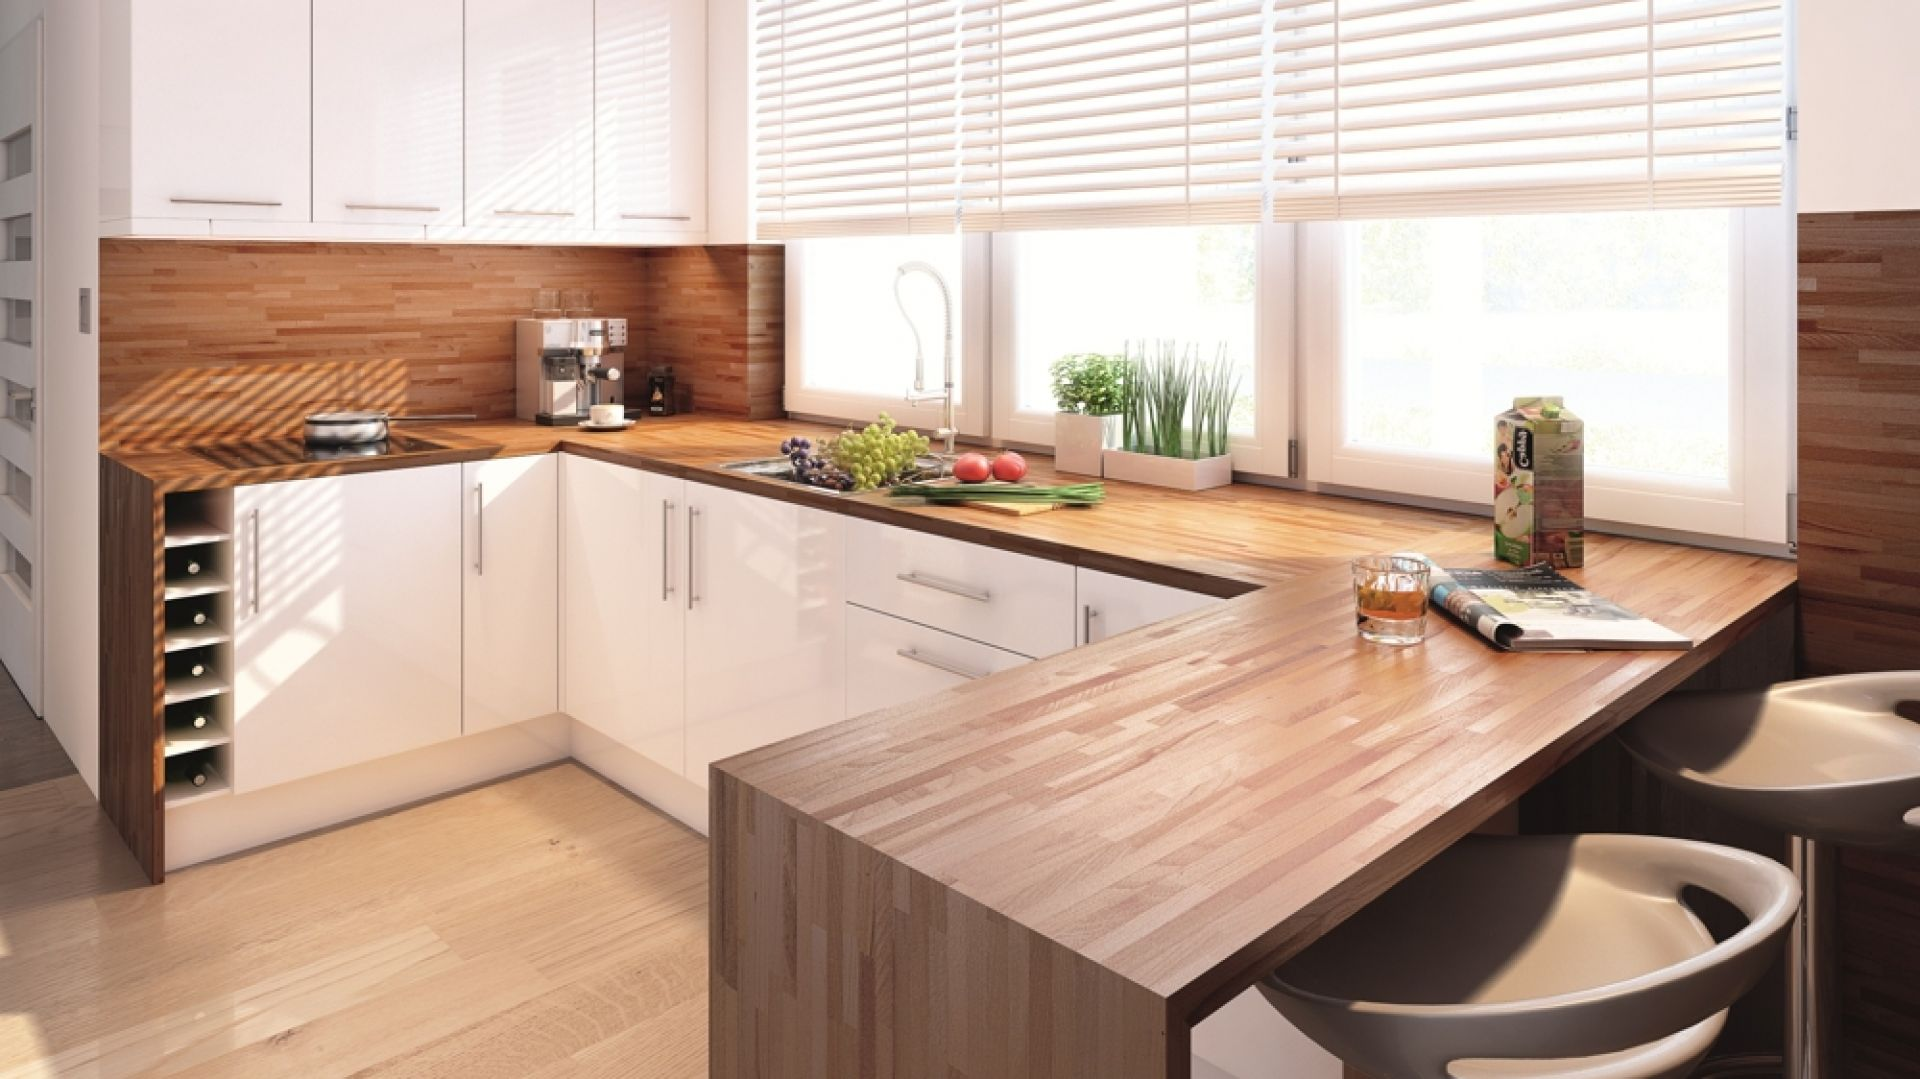 W kuchni domu Ambrozja białe meble, żaluzje, ramy dużych okien ocieplono drewnianym blatem, parkietem i ścianką wokół kuchenki. Fot. Biuro Projektów MTM Styl